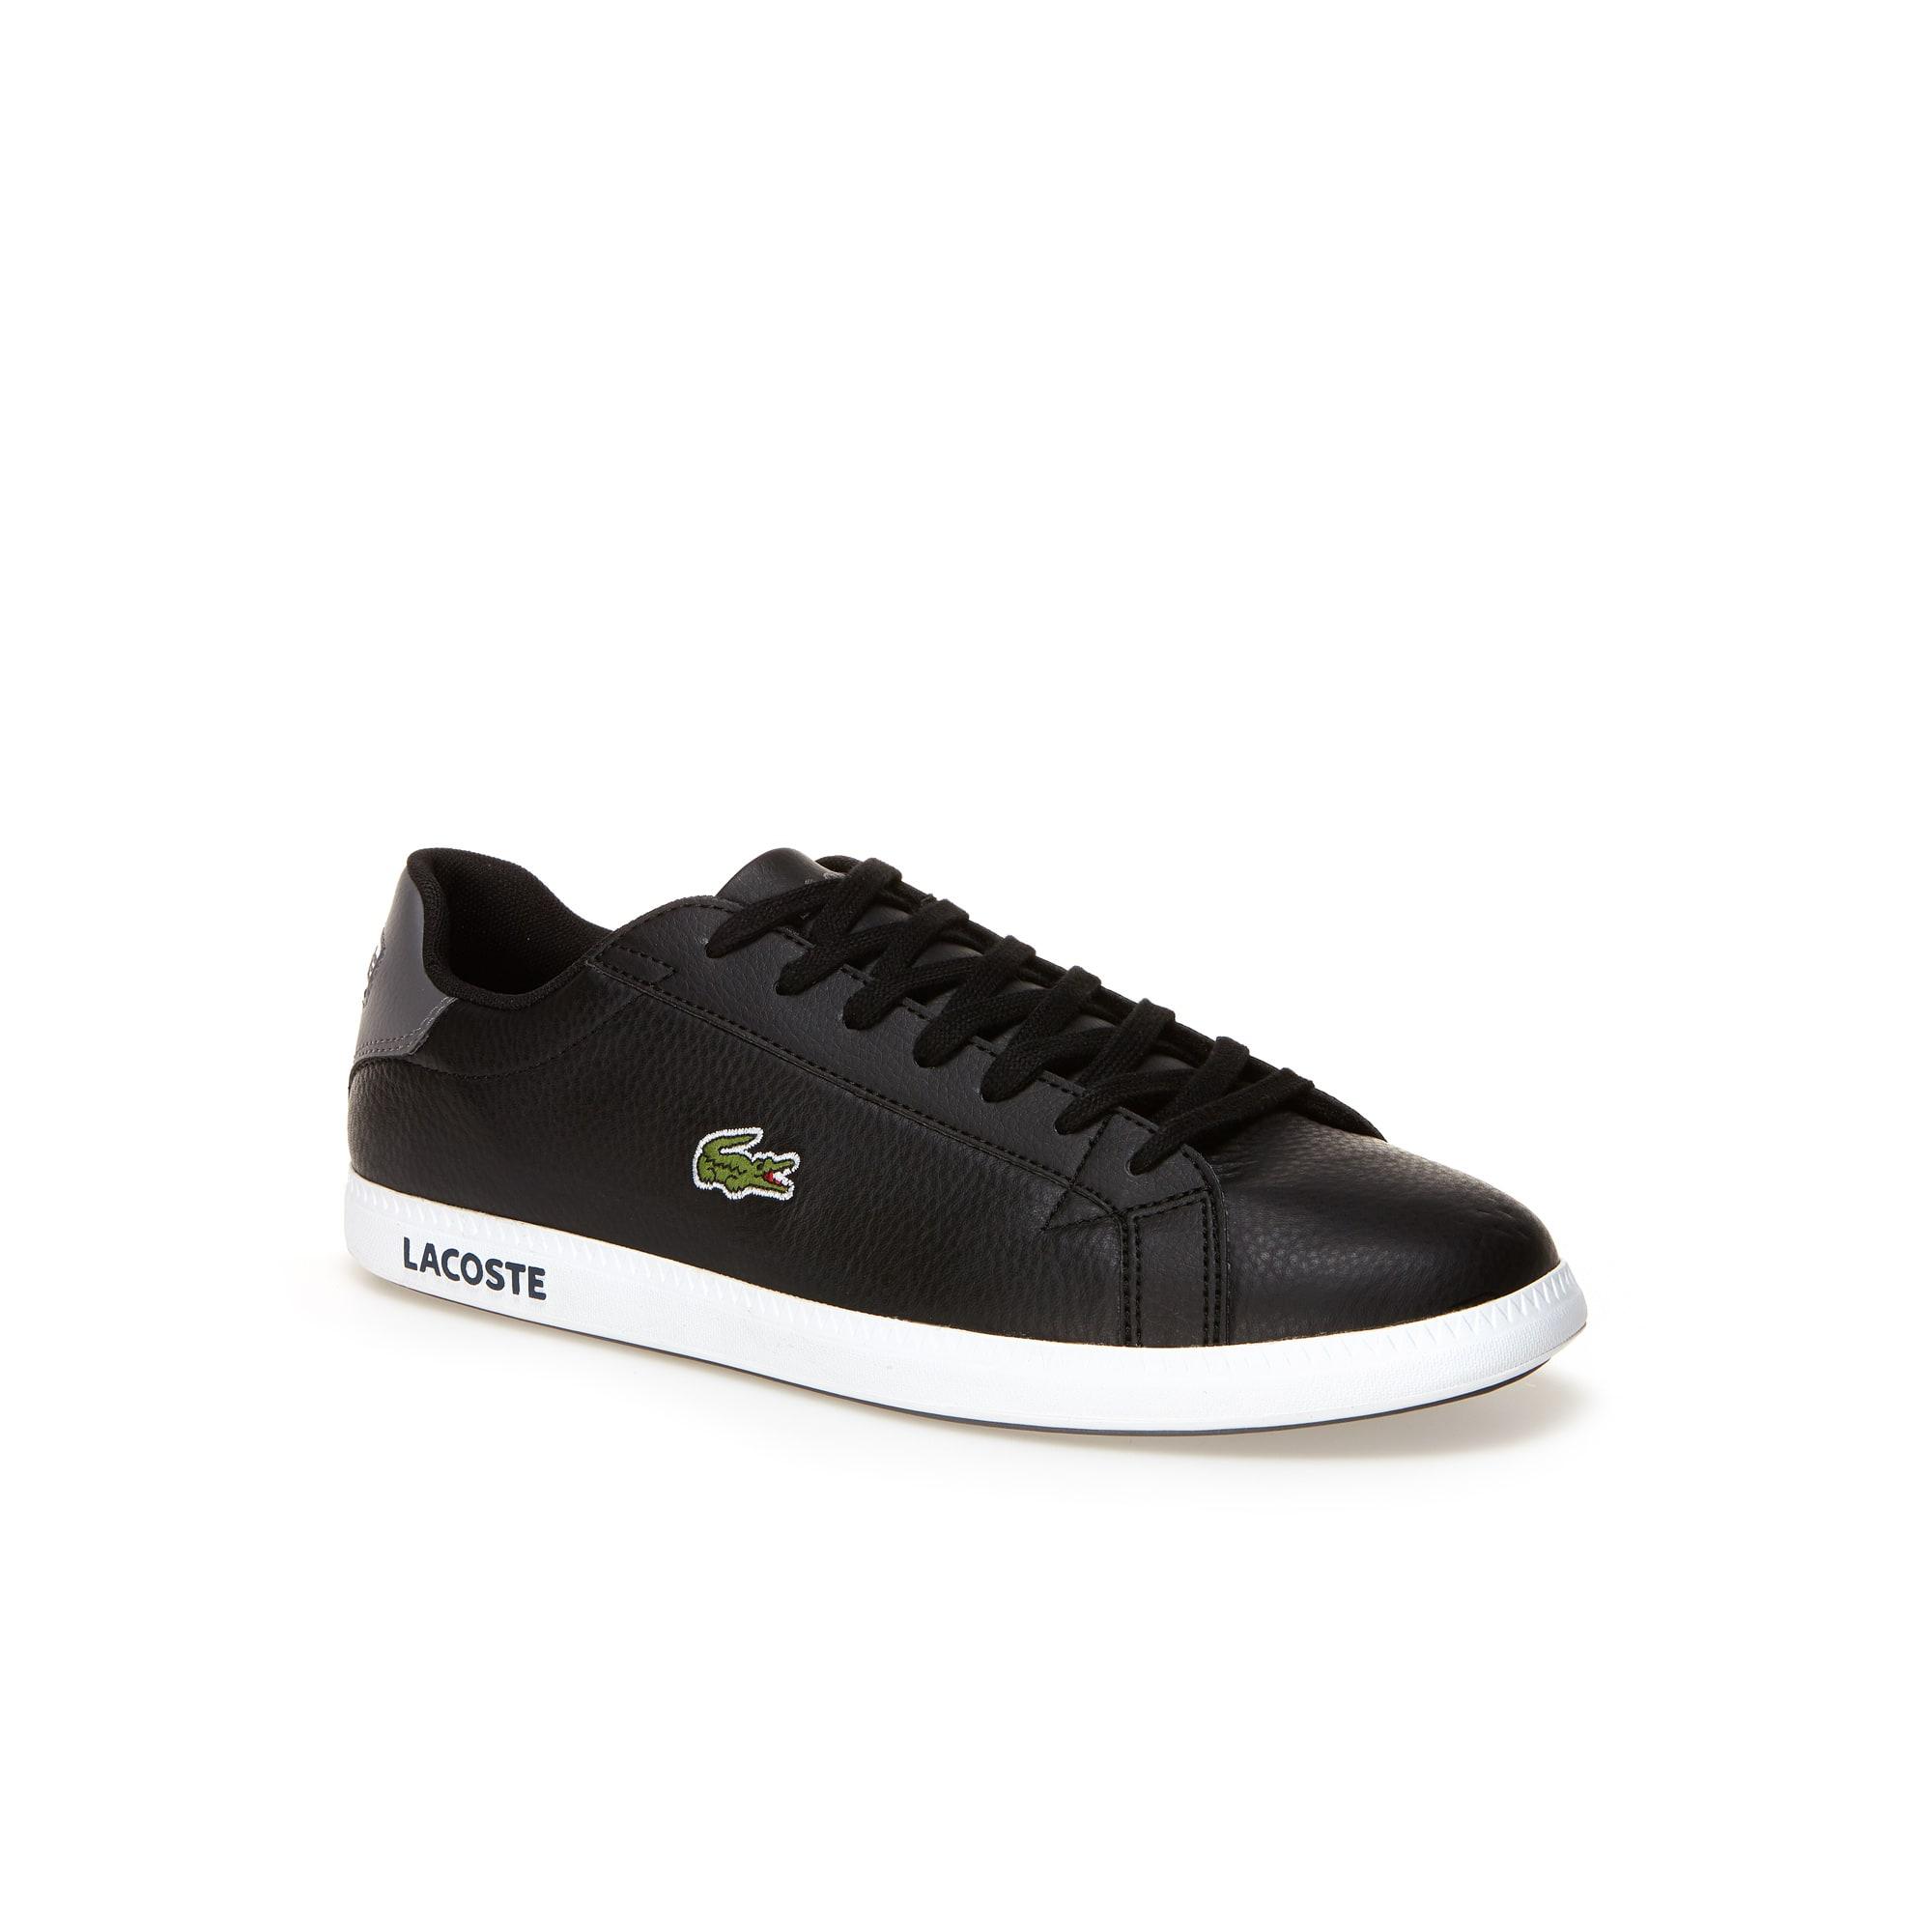 Sneaker Uomo Città Da Scarpe Stivali Lacoste qRwtE46 200742420ec